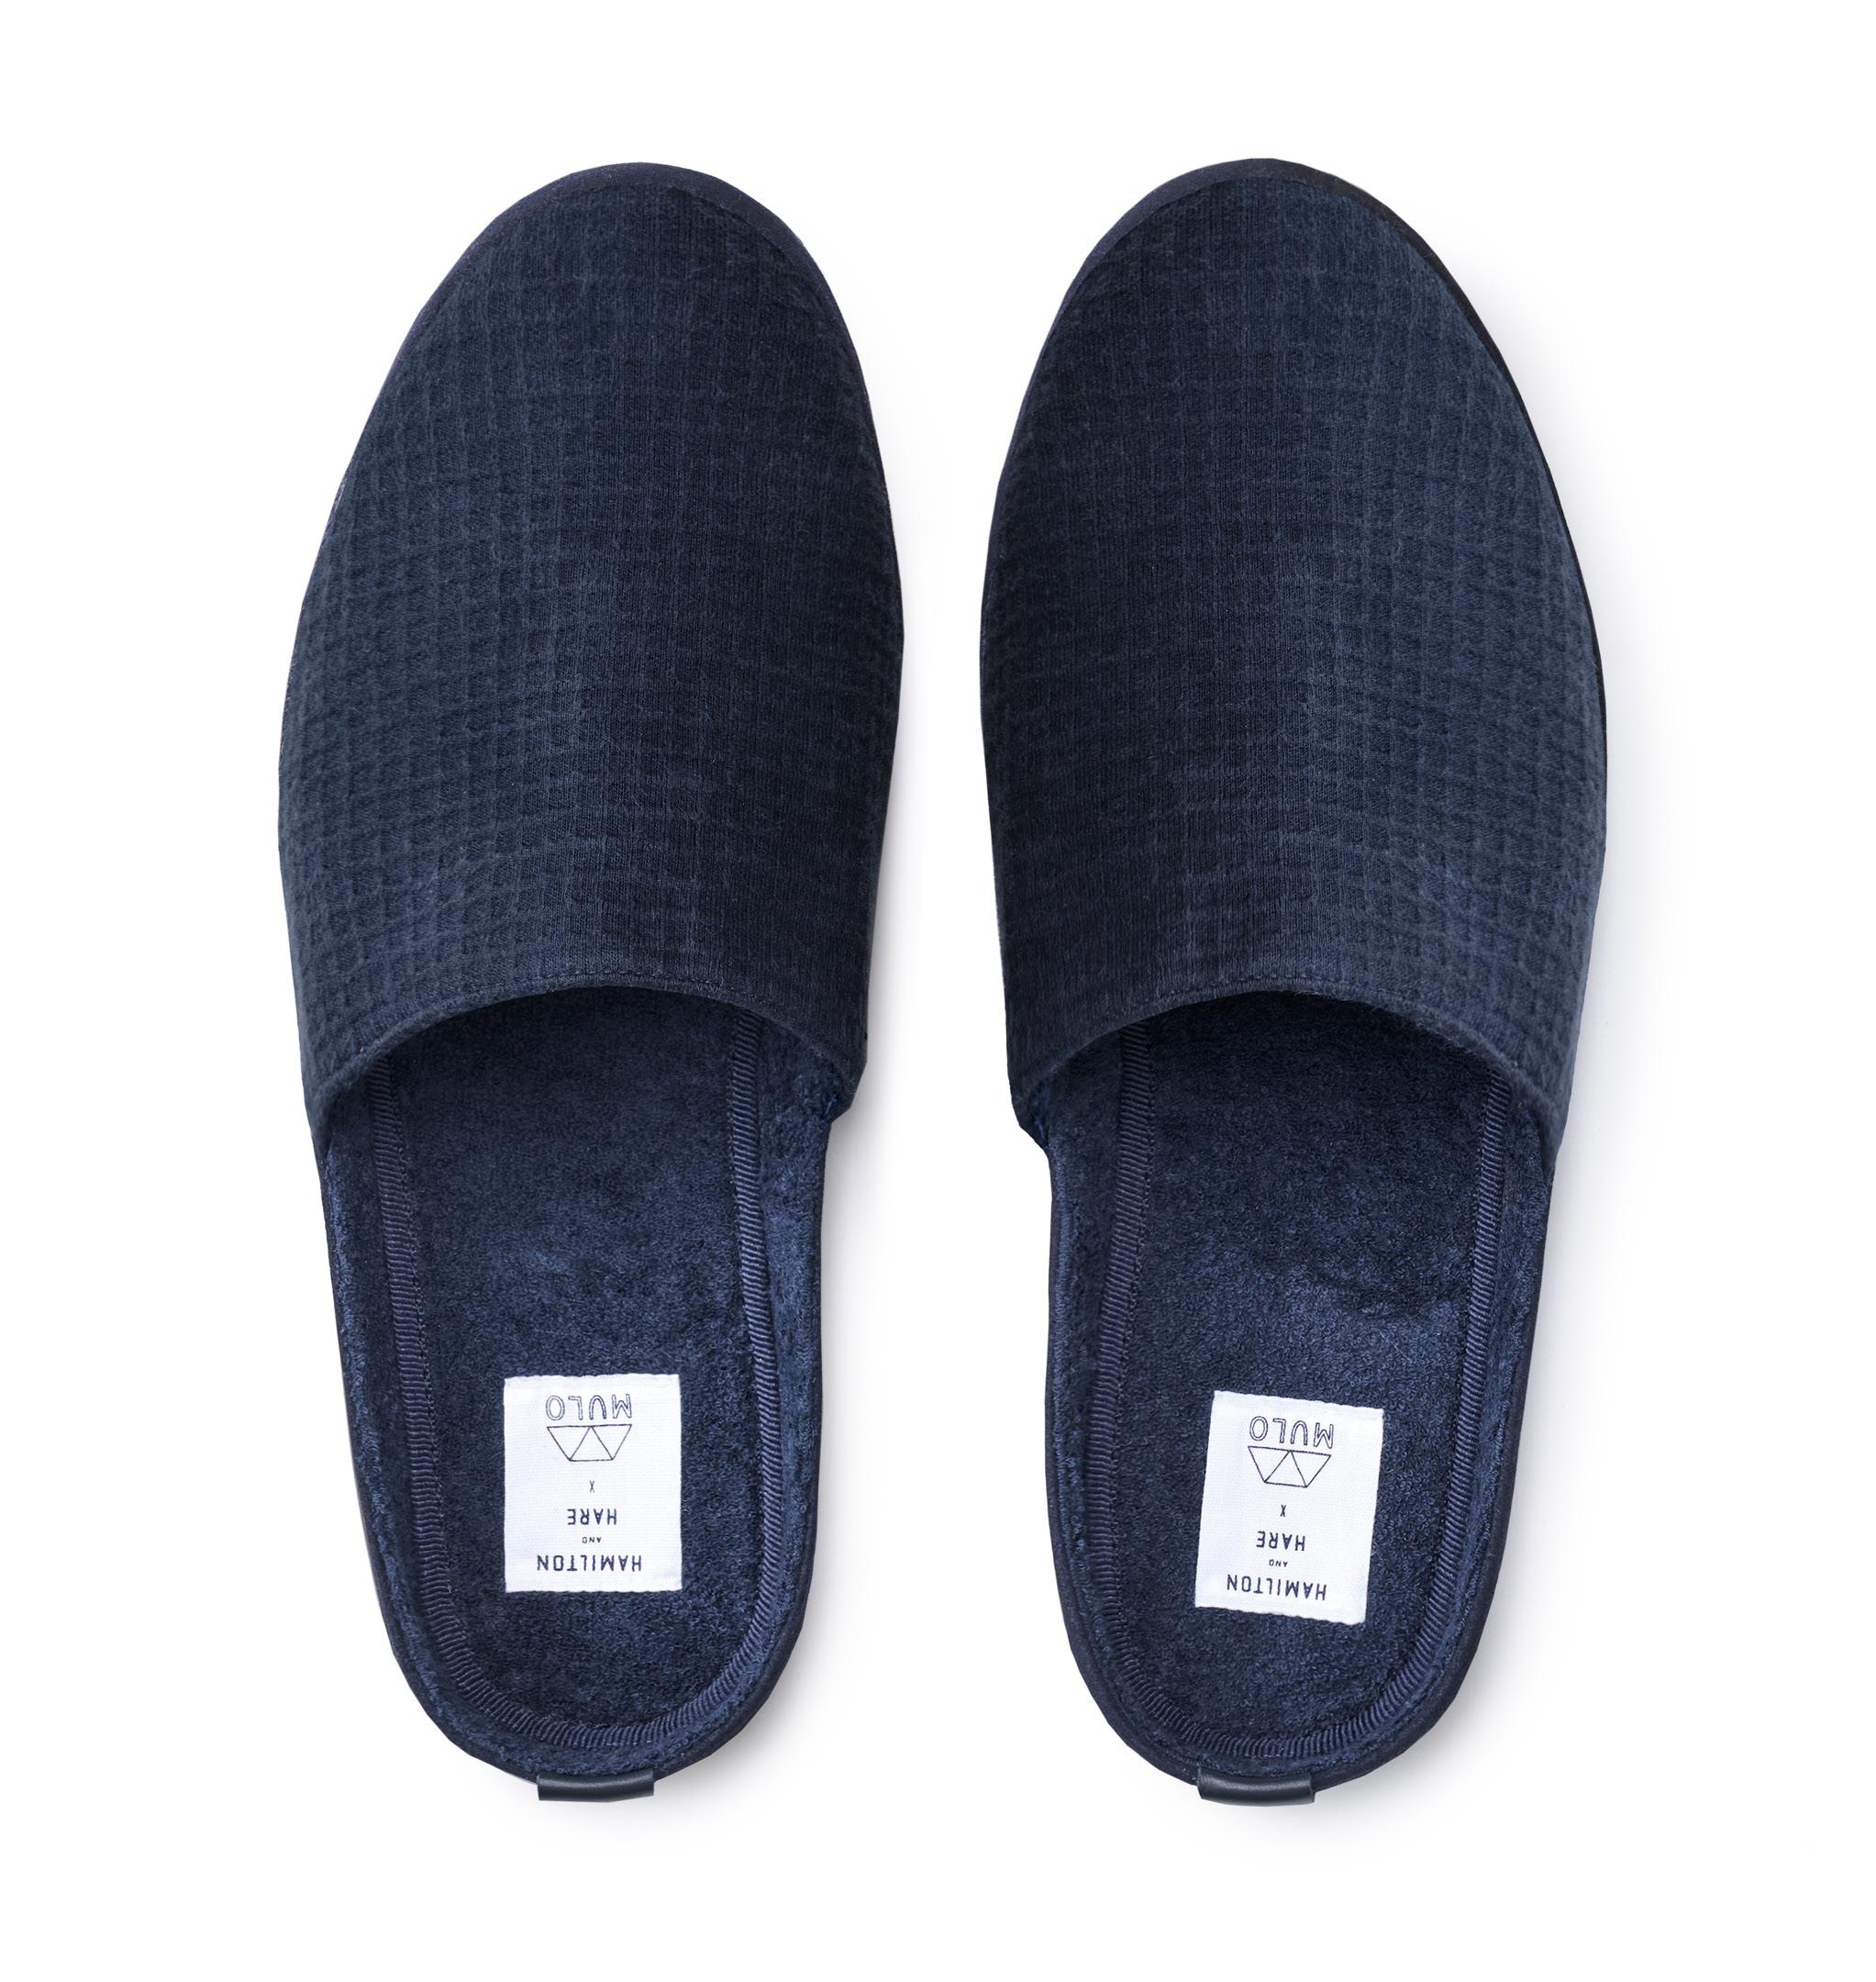 Designer Slippers for Men in Blue